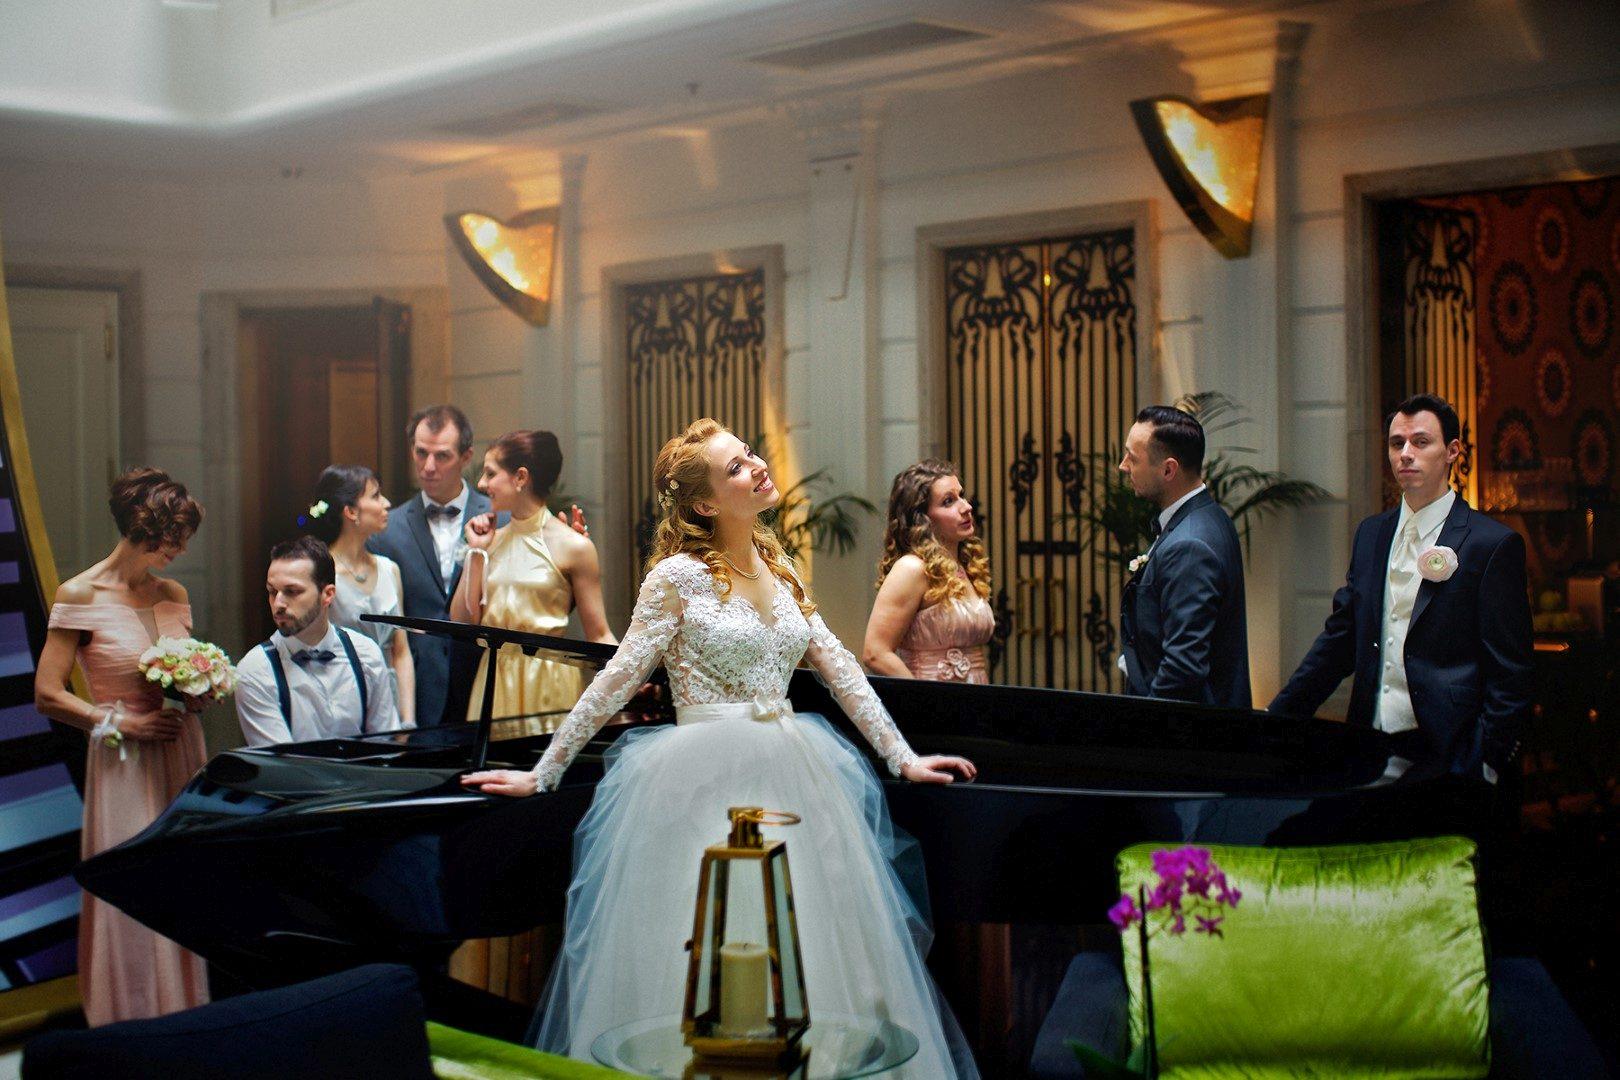 4c7b01b9a1 horváth tamás,ht photoprofessional,fotós,esküvői fotó,esküvőfotós,